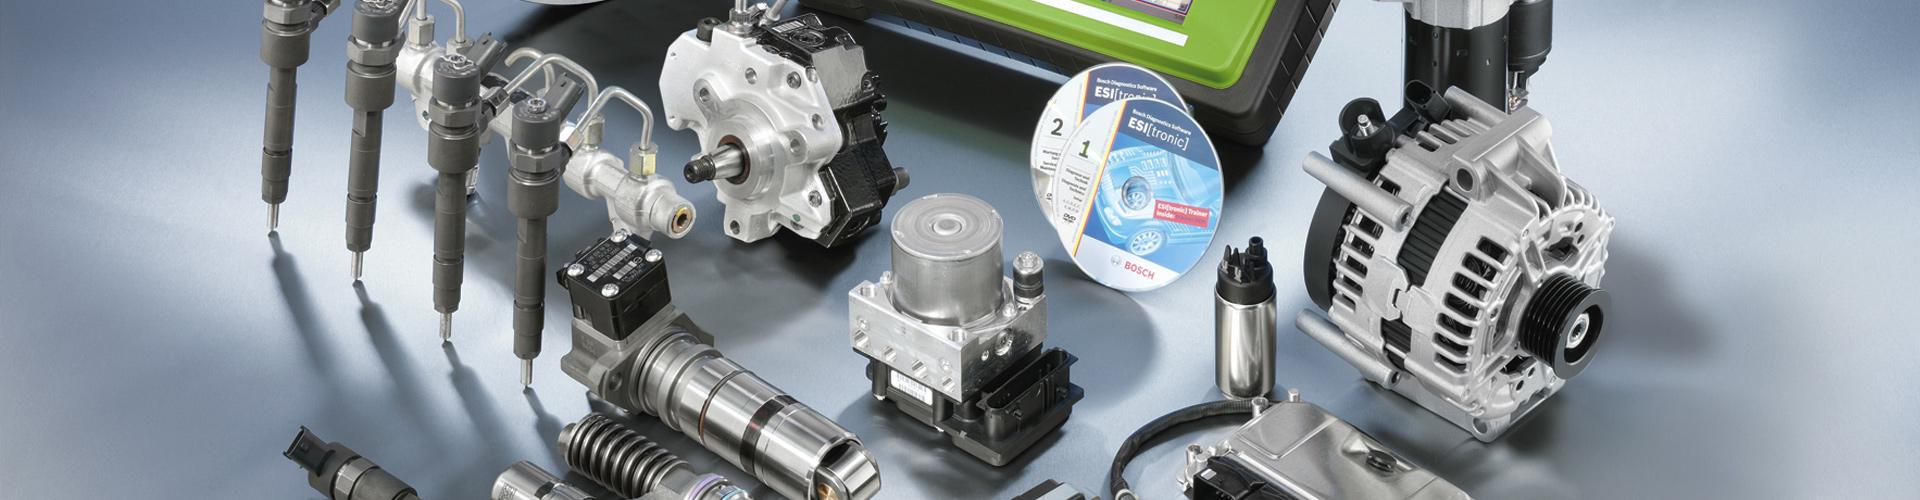 Bosch Auto Onderdelen